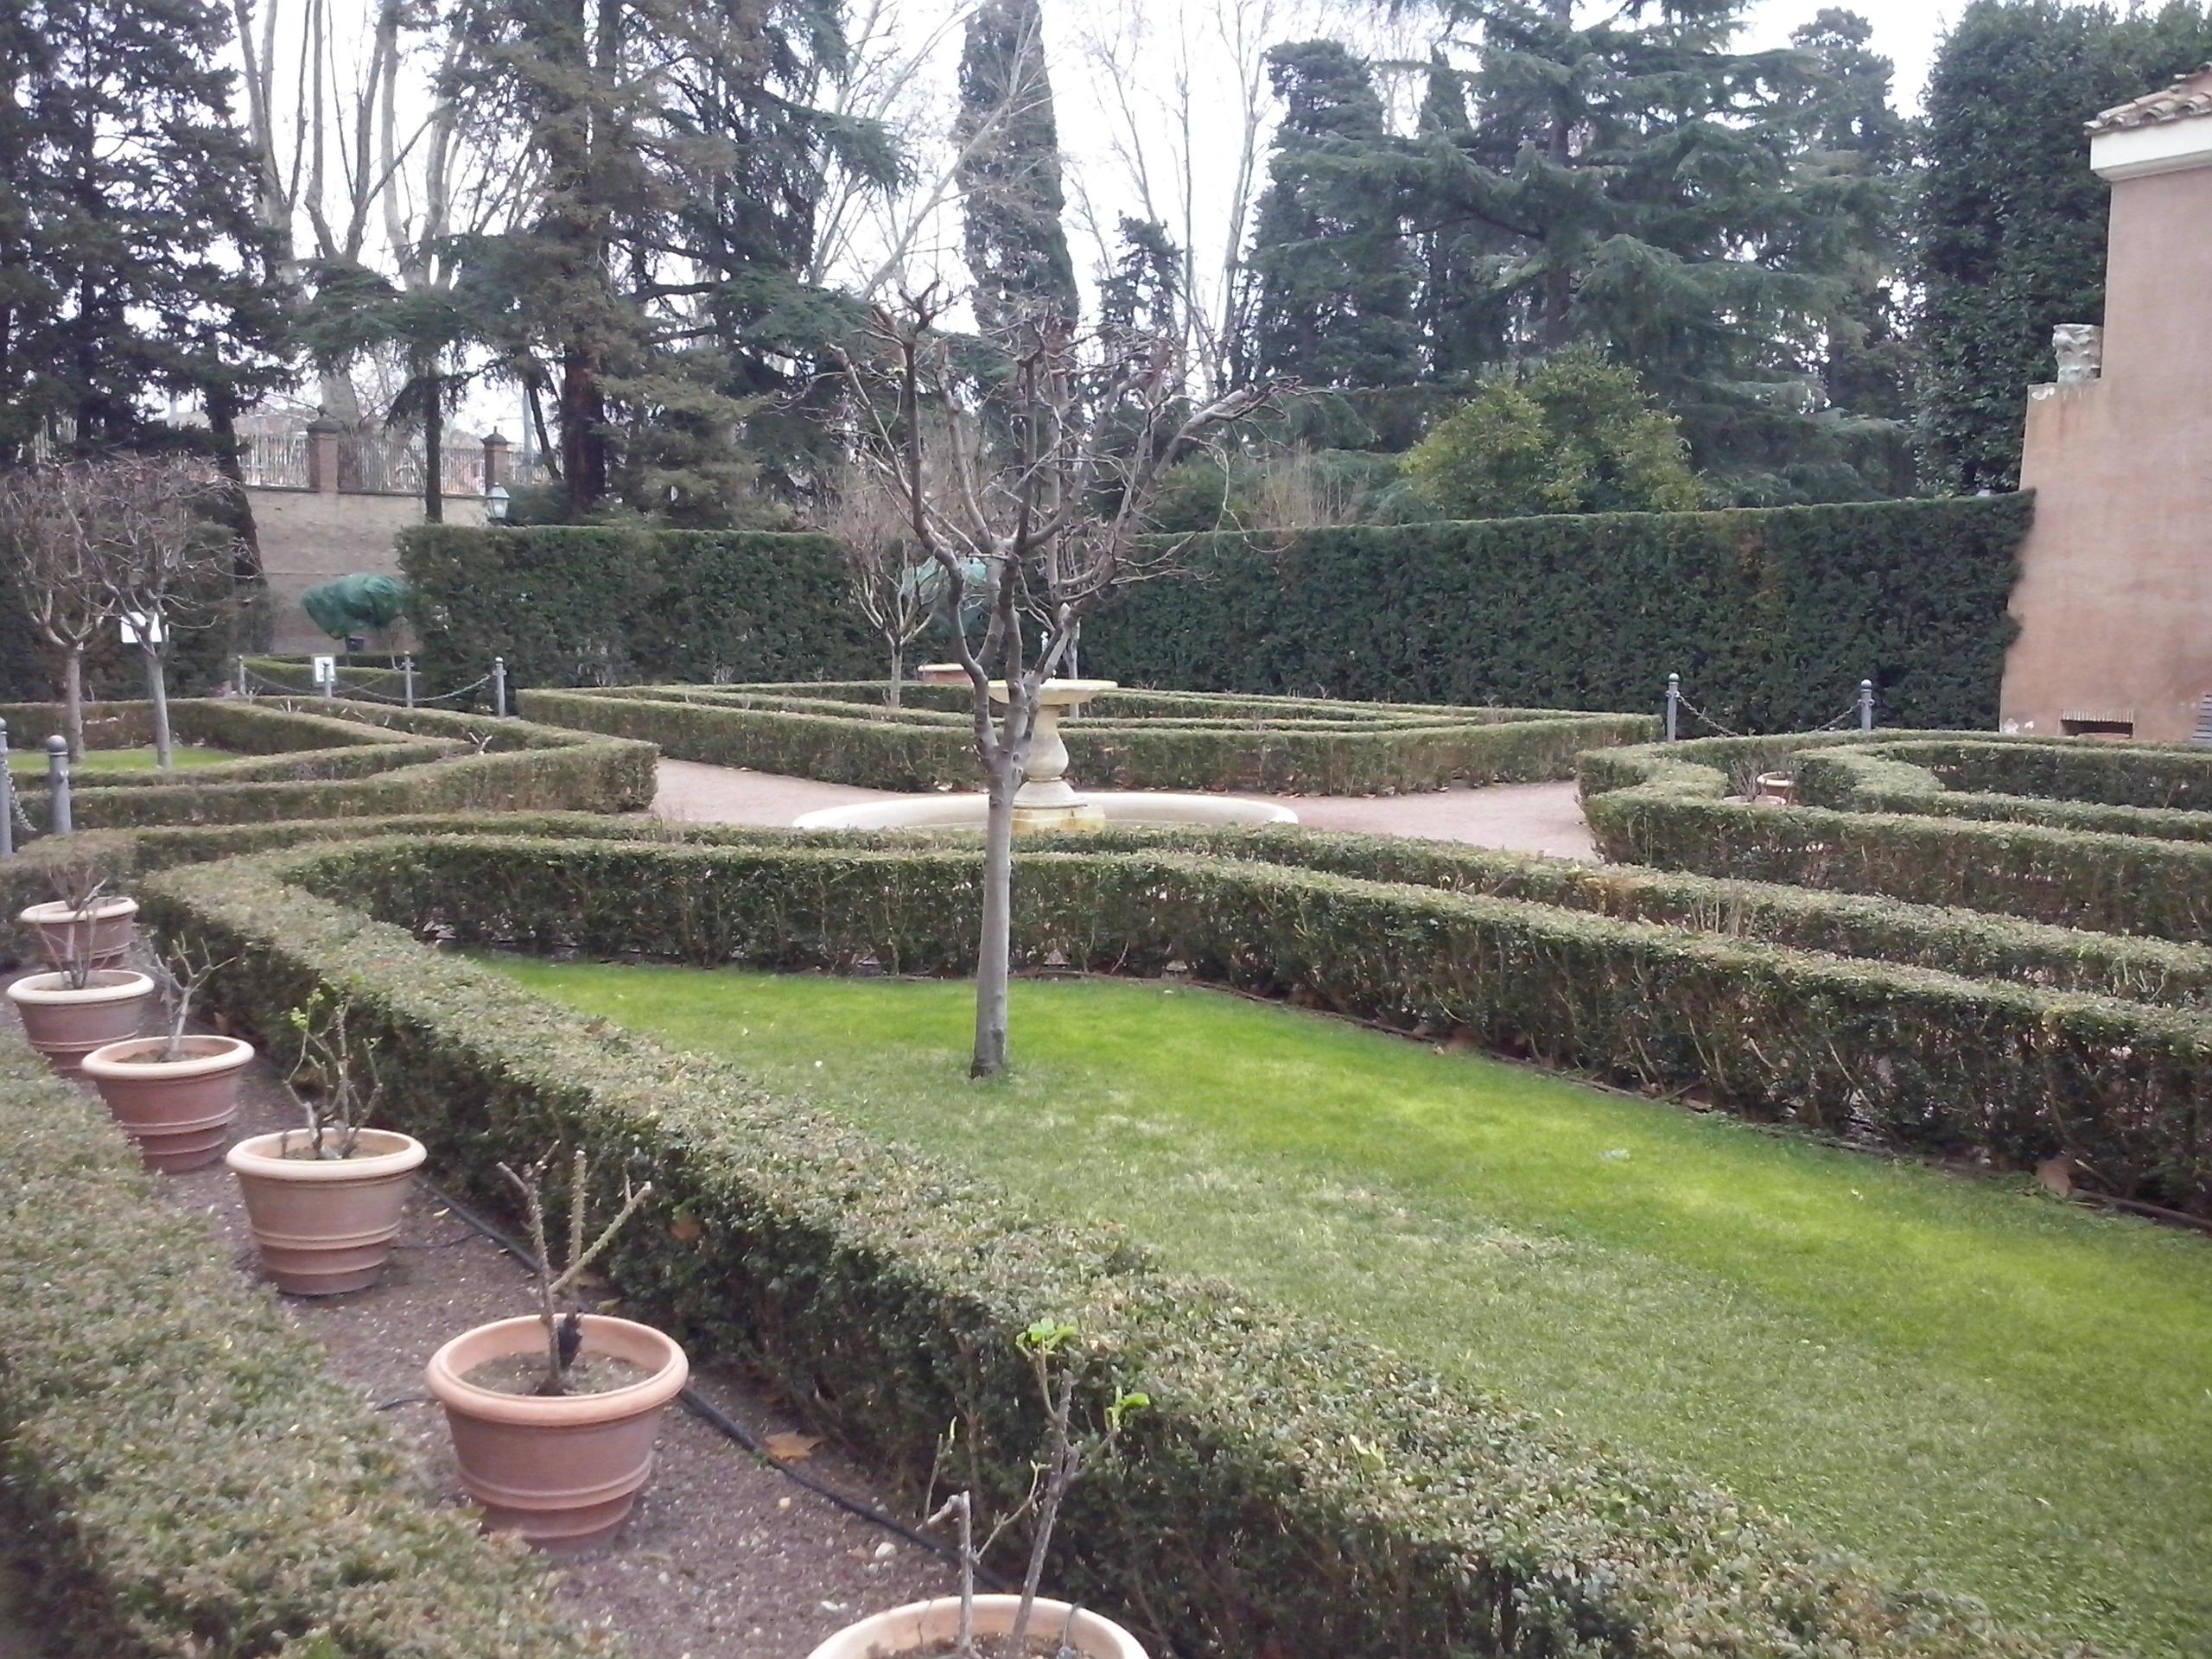 De tuin van de Villa Farnesina